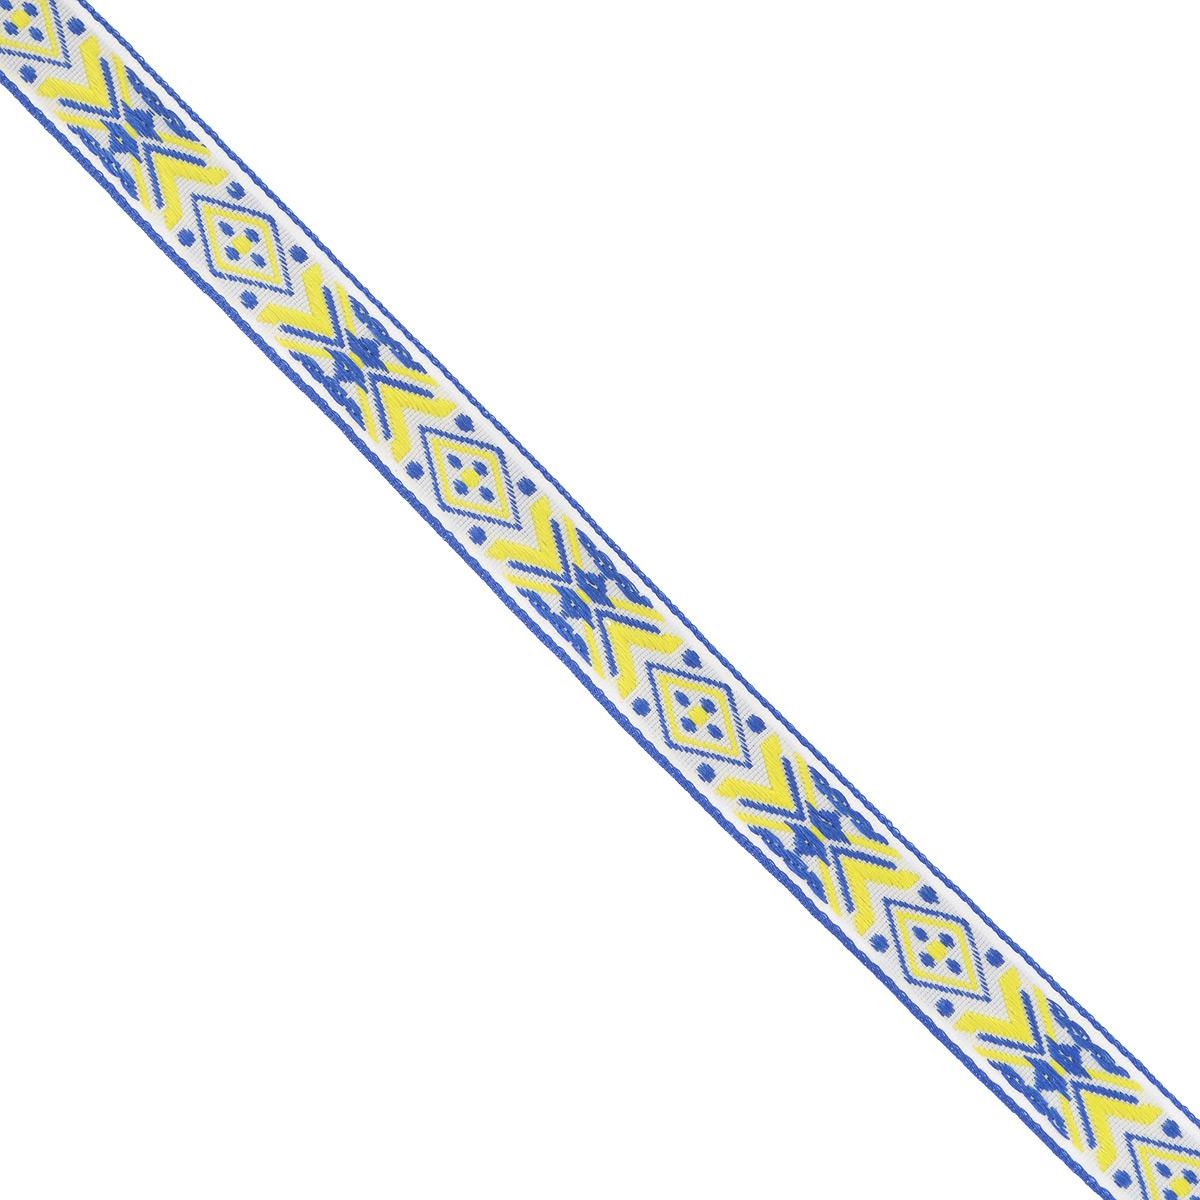 Тесьма декоративная Астра, цвет: синий (2), ширина 1,2 см, длина 16,4 м. 77032527703252_2Декоративная тесьма Астра выполнена из текстиля и оформлена оригинальным орнаментом. Такая тесьма идеально подойдет для оформления различных творческих работ таких, как скрапбукинг, аппликация, декор коробок и открыток и многое другое. Тесьма наивысшего качества и практична в использовании. Она станет незаменимым элементом в создании рукотворного шедевра. Ширина: 1,2 см. Длина: 16,4 м.